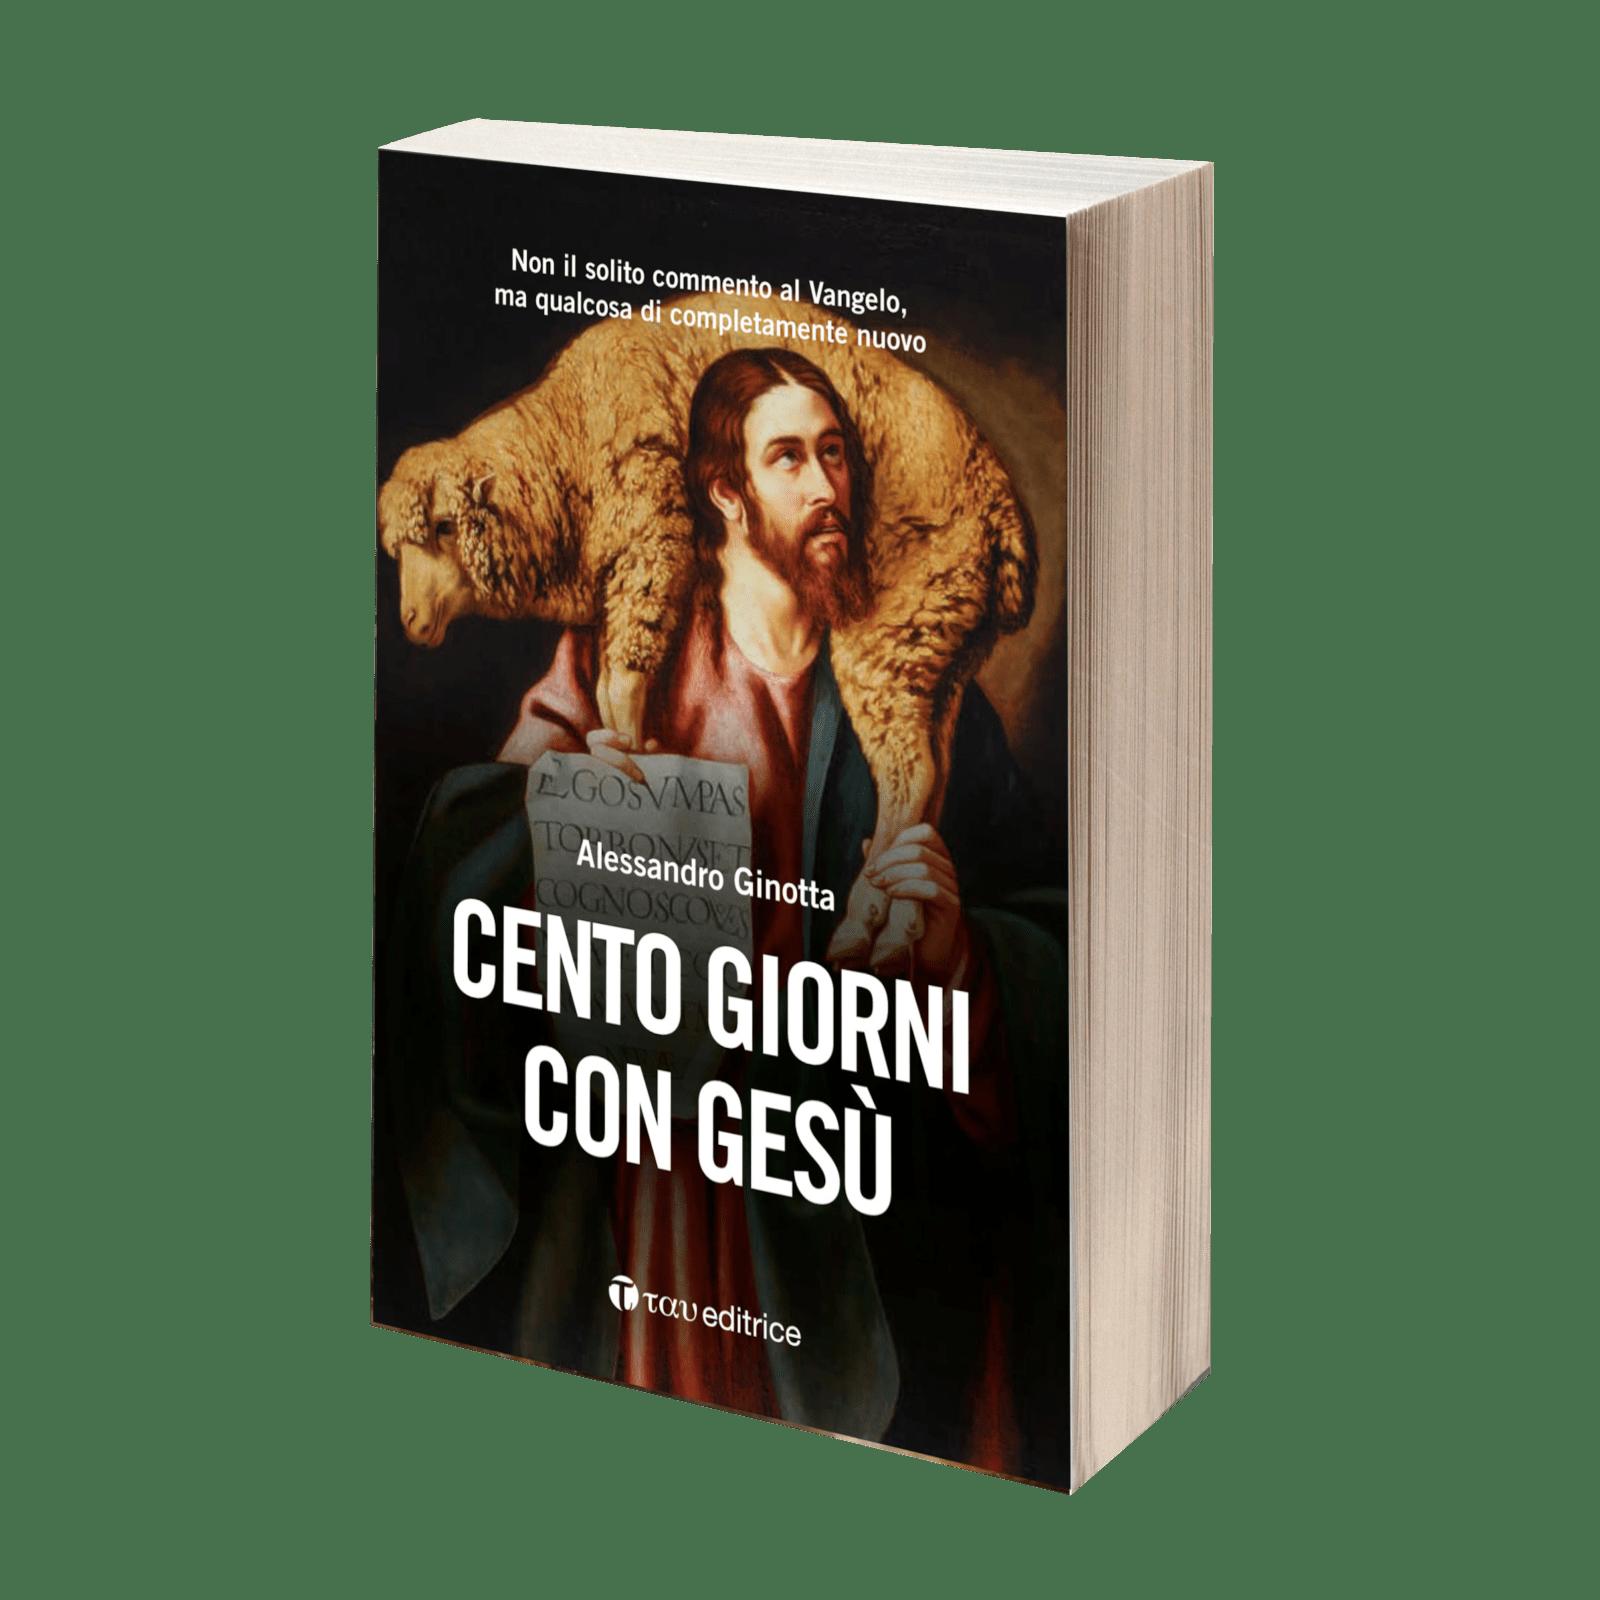 Cento giorni con Gesù, Tau Editrice, Alessandro Ginotta, 2017